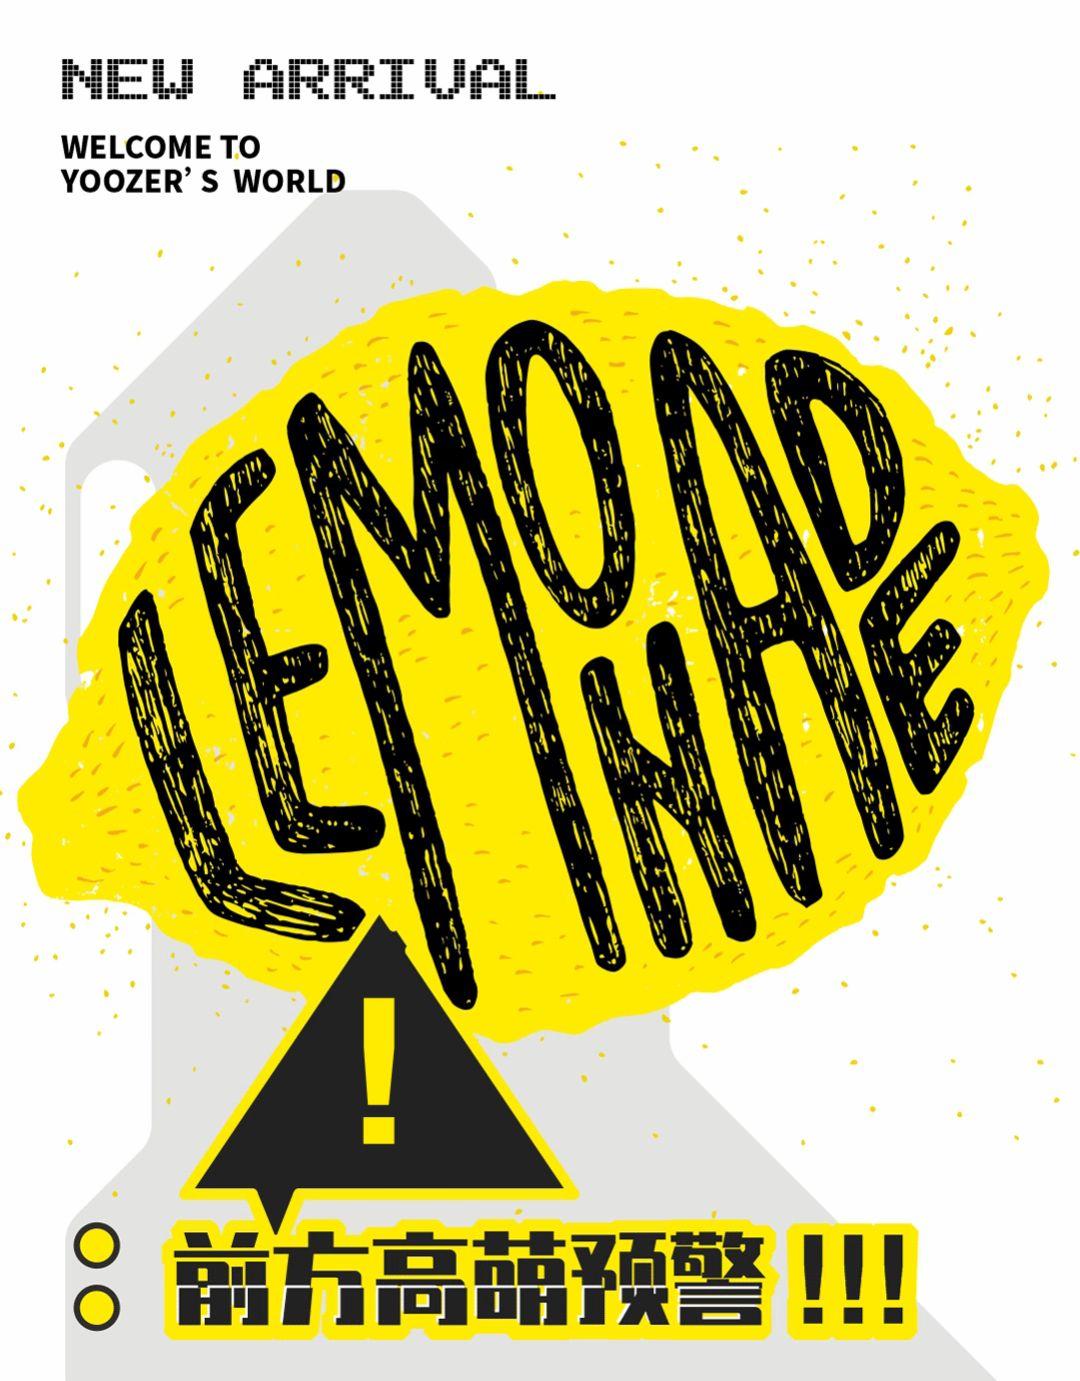 YOOZ柚子   全新口味上线,超级柠檬来袭